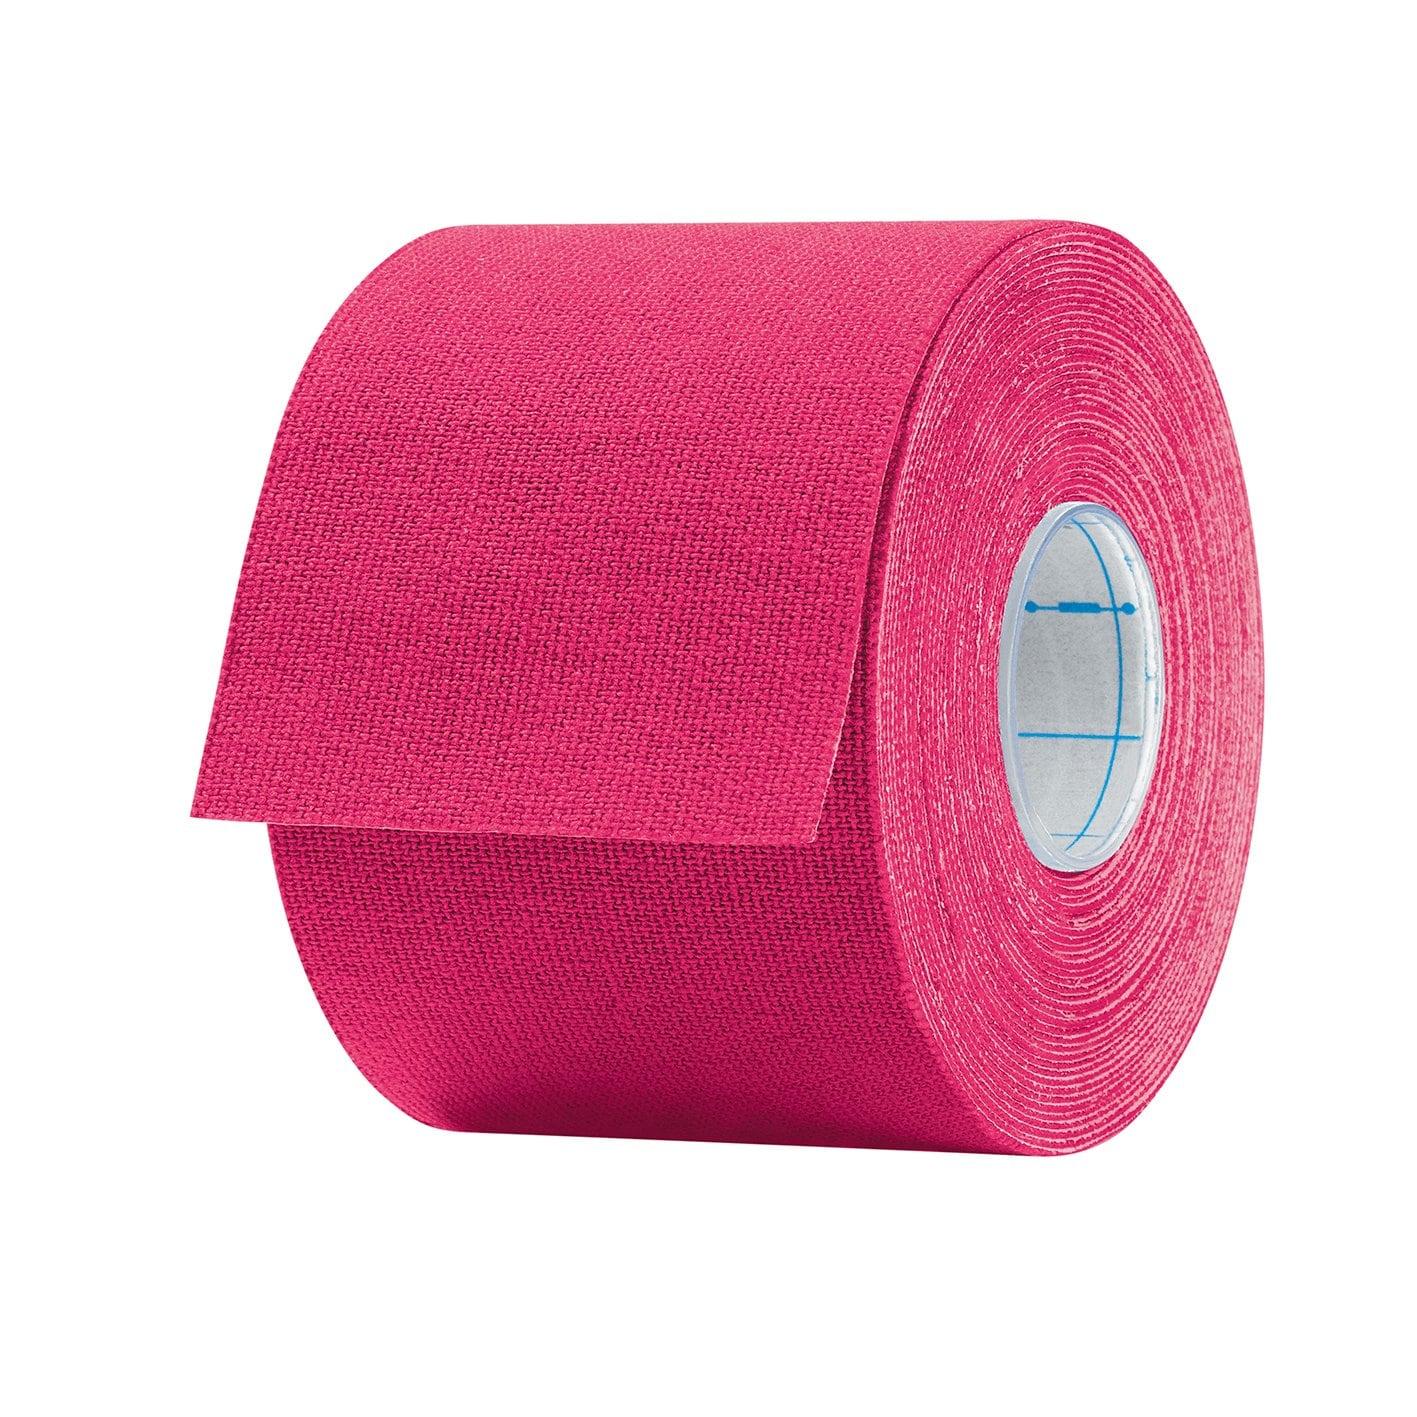 Aktimed Tape Plus 5m pink